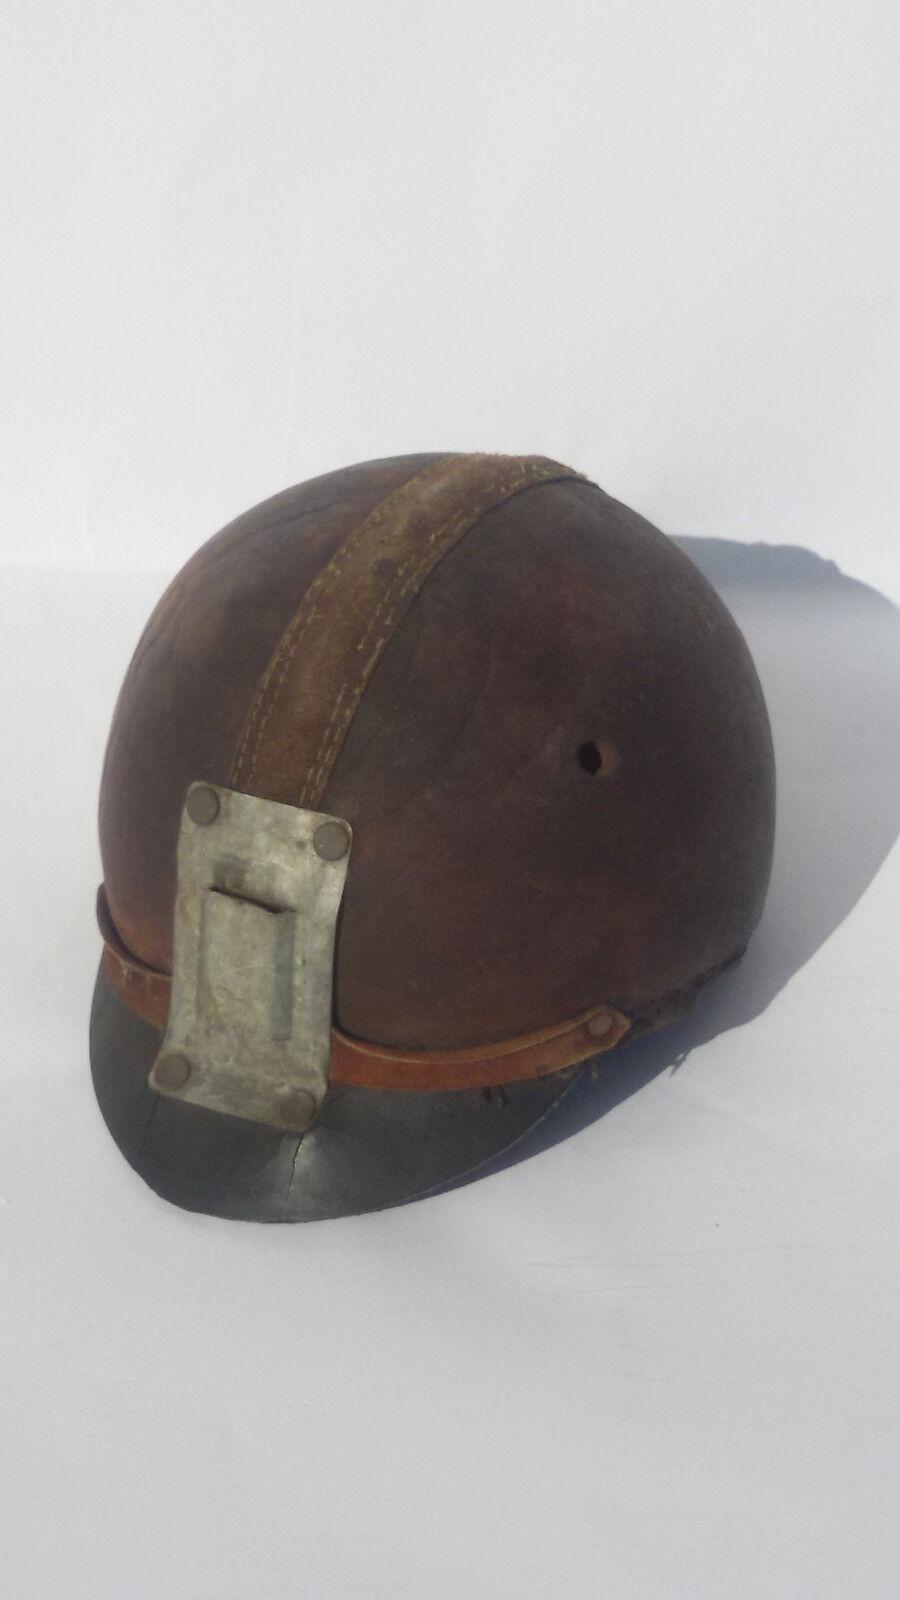 Raro Antiguo Jockey Ecuestre Cuero cap.hat